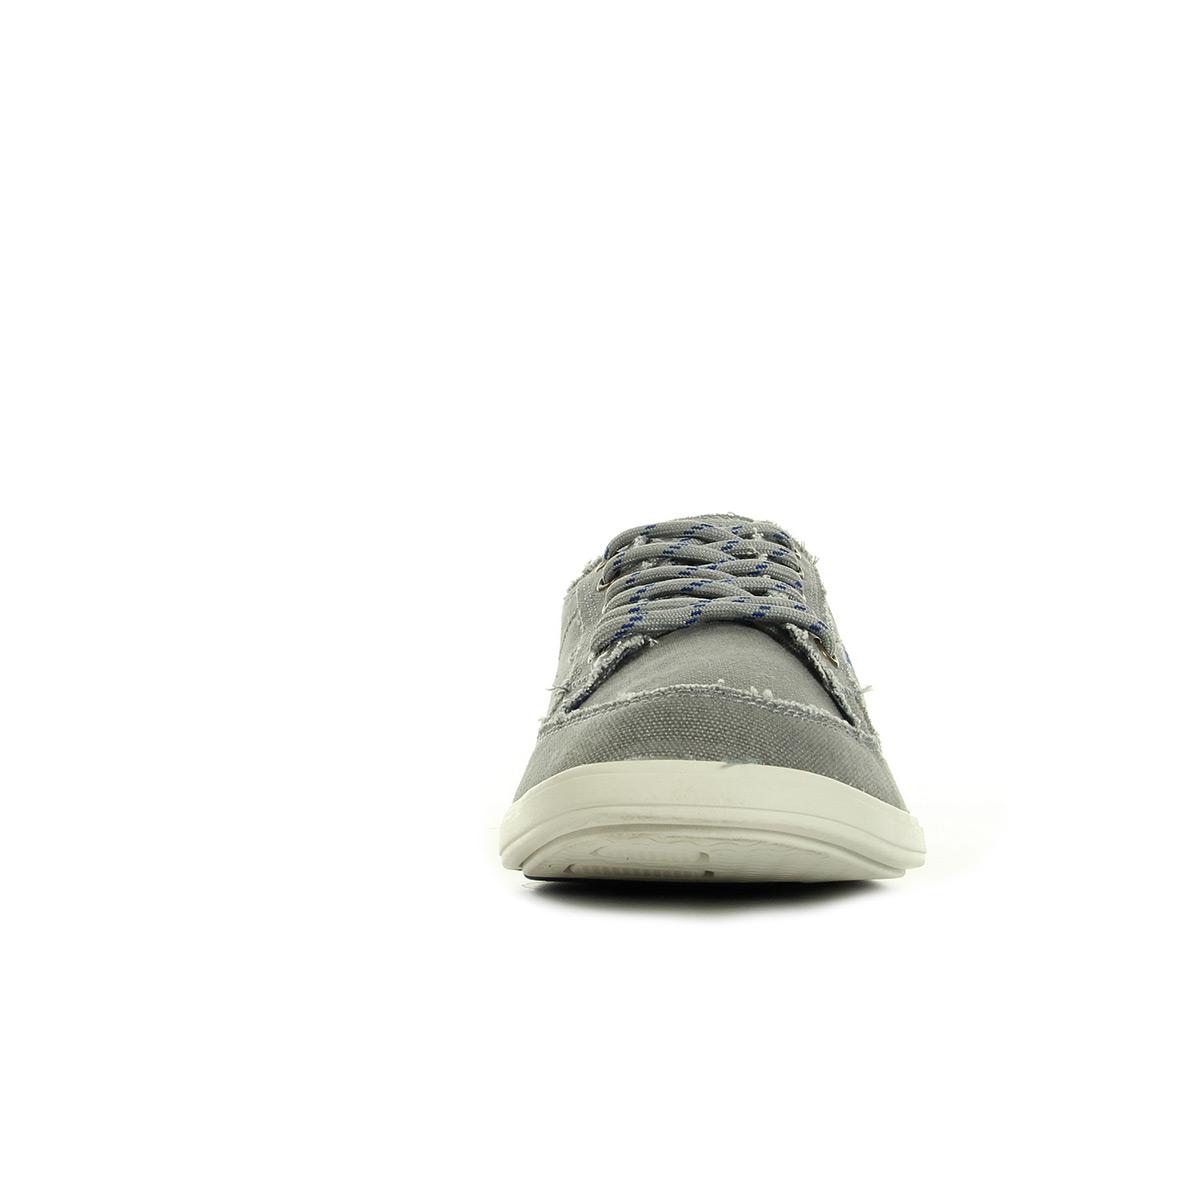 Détails sur Chaussures Baskets Reebok homme Royal Deck taille Gris Grise Textile Lacets